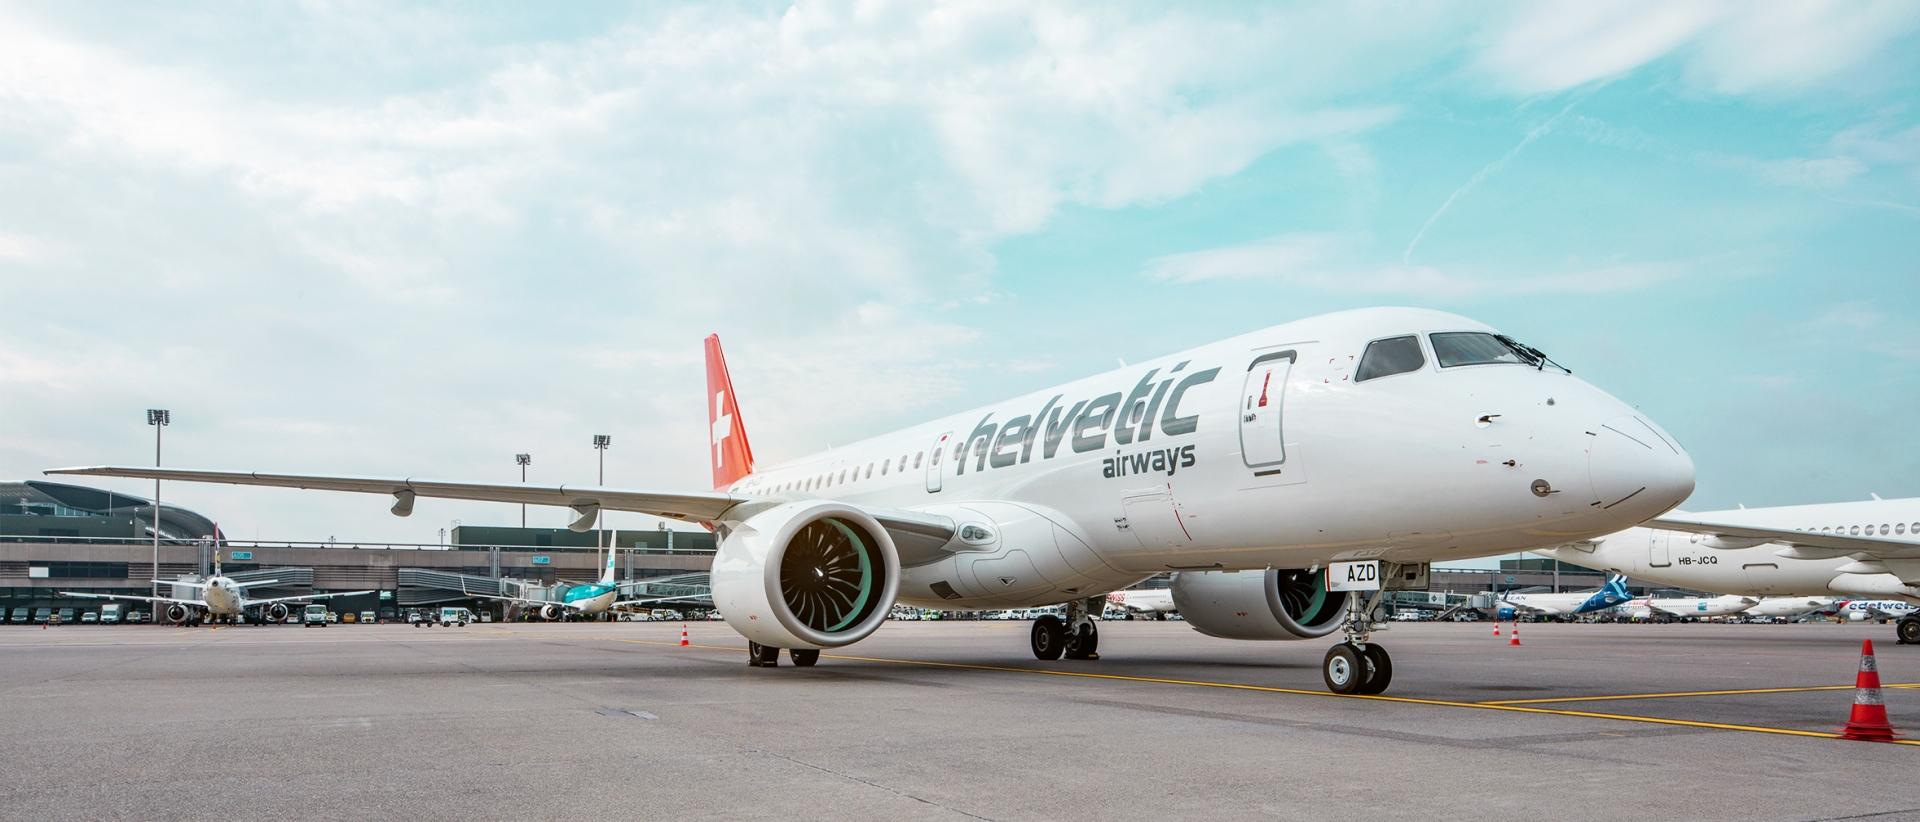 Helvetic-Airways-nimmt-Kurs-auf-die-Balearen-und-die-griechischen-Inseln